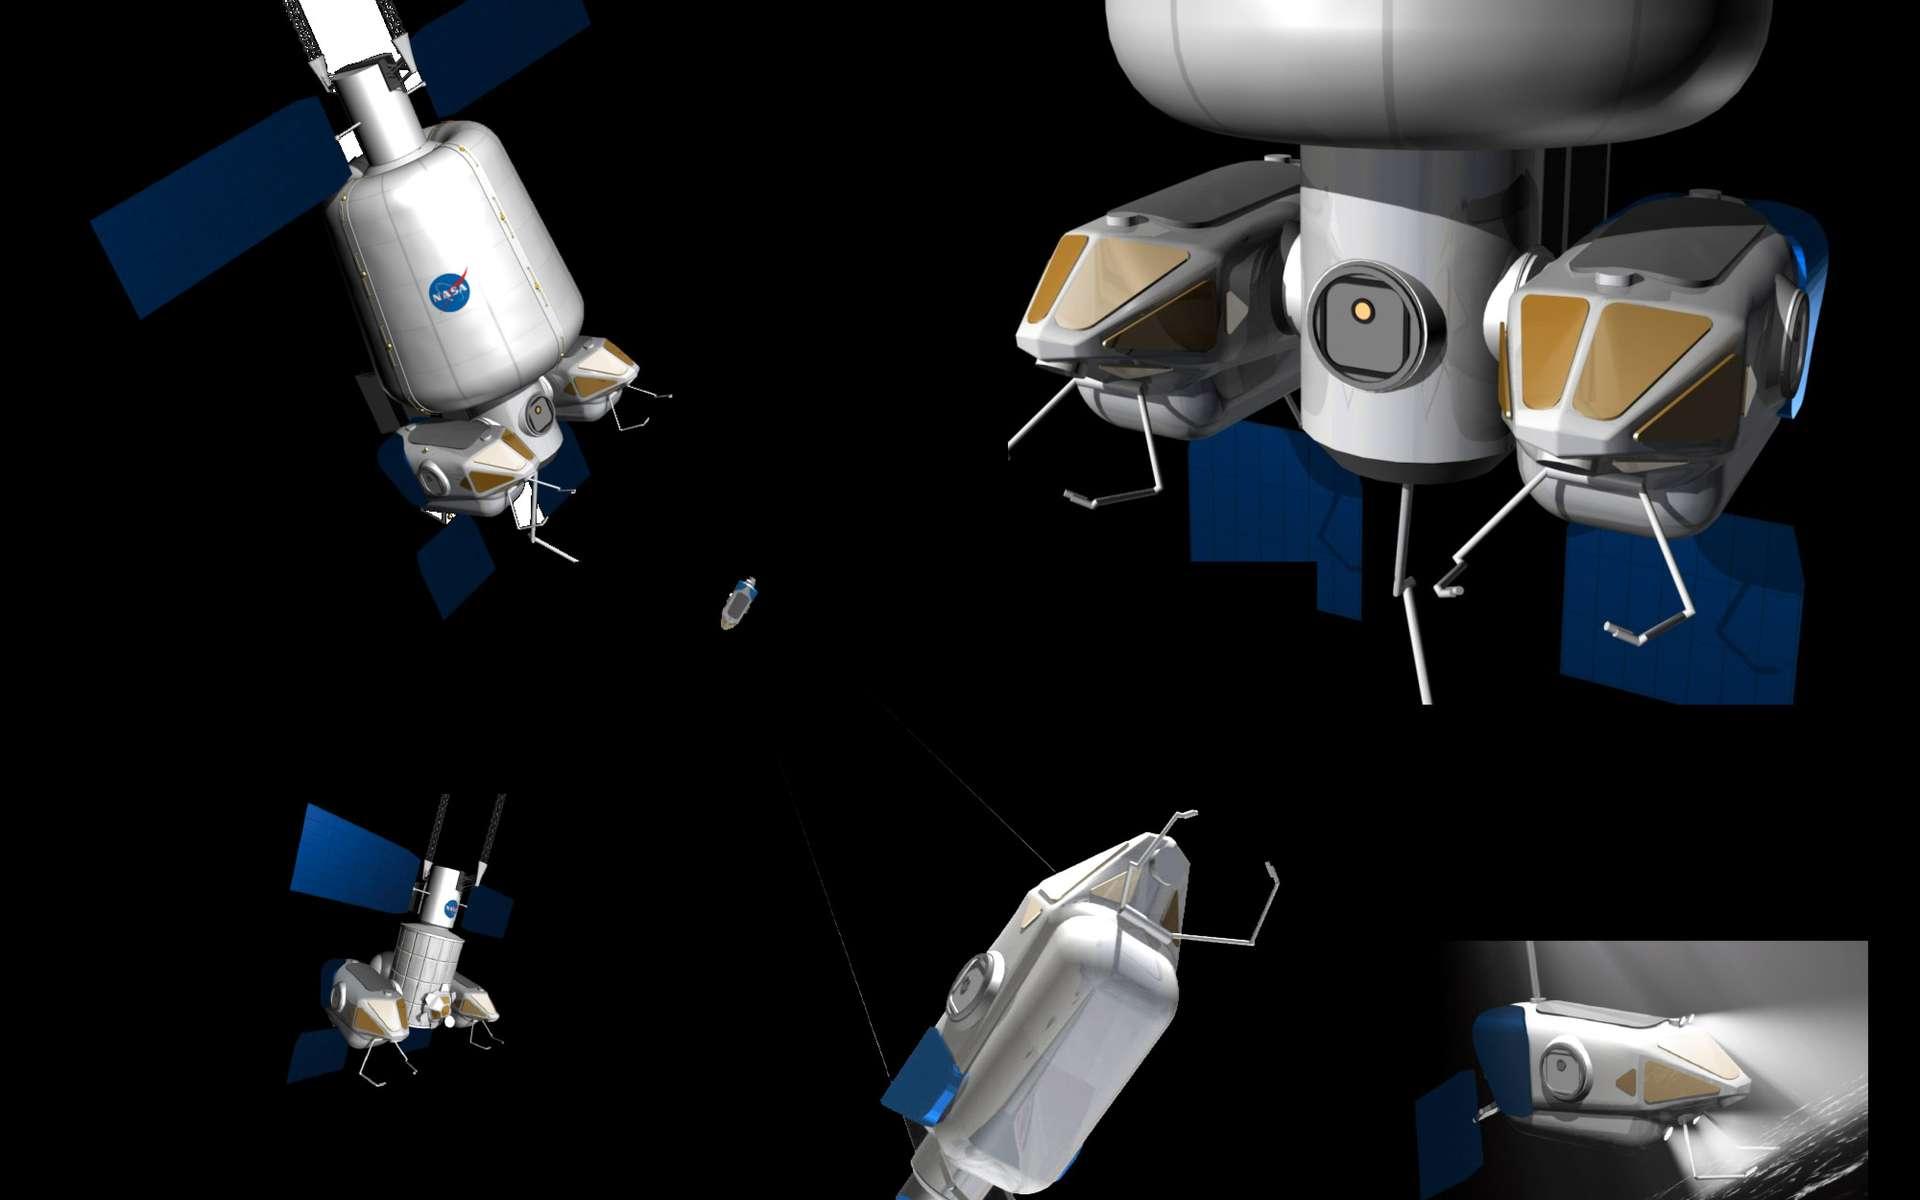 Le nœud de jonction Harmony pourrait être utilisé comme élément central d'une variété d'engins spatiaux. Crédits Nasa / JPL